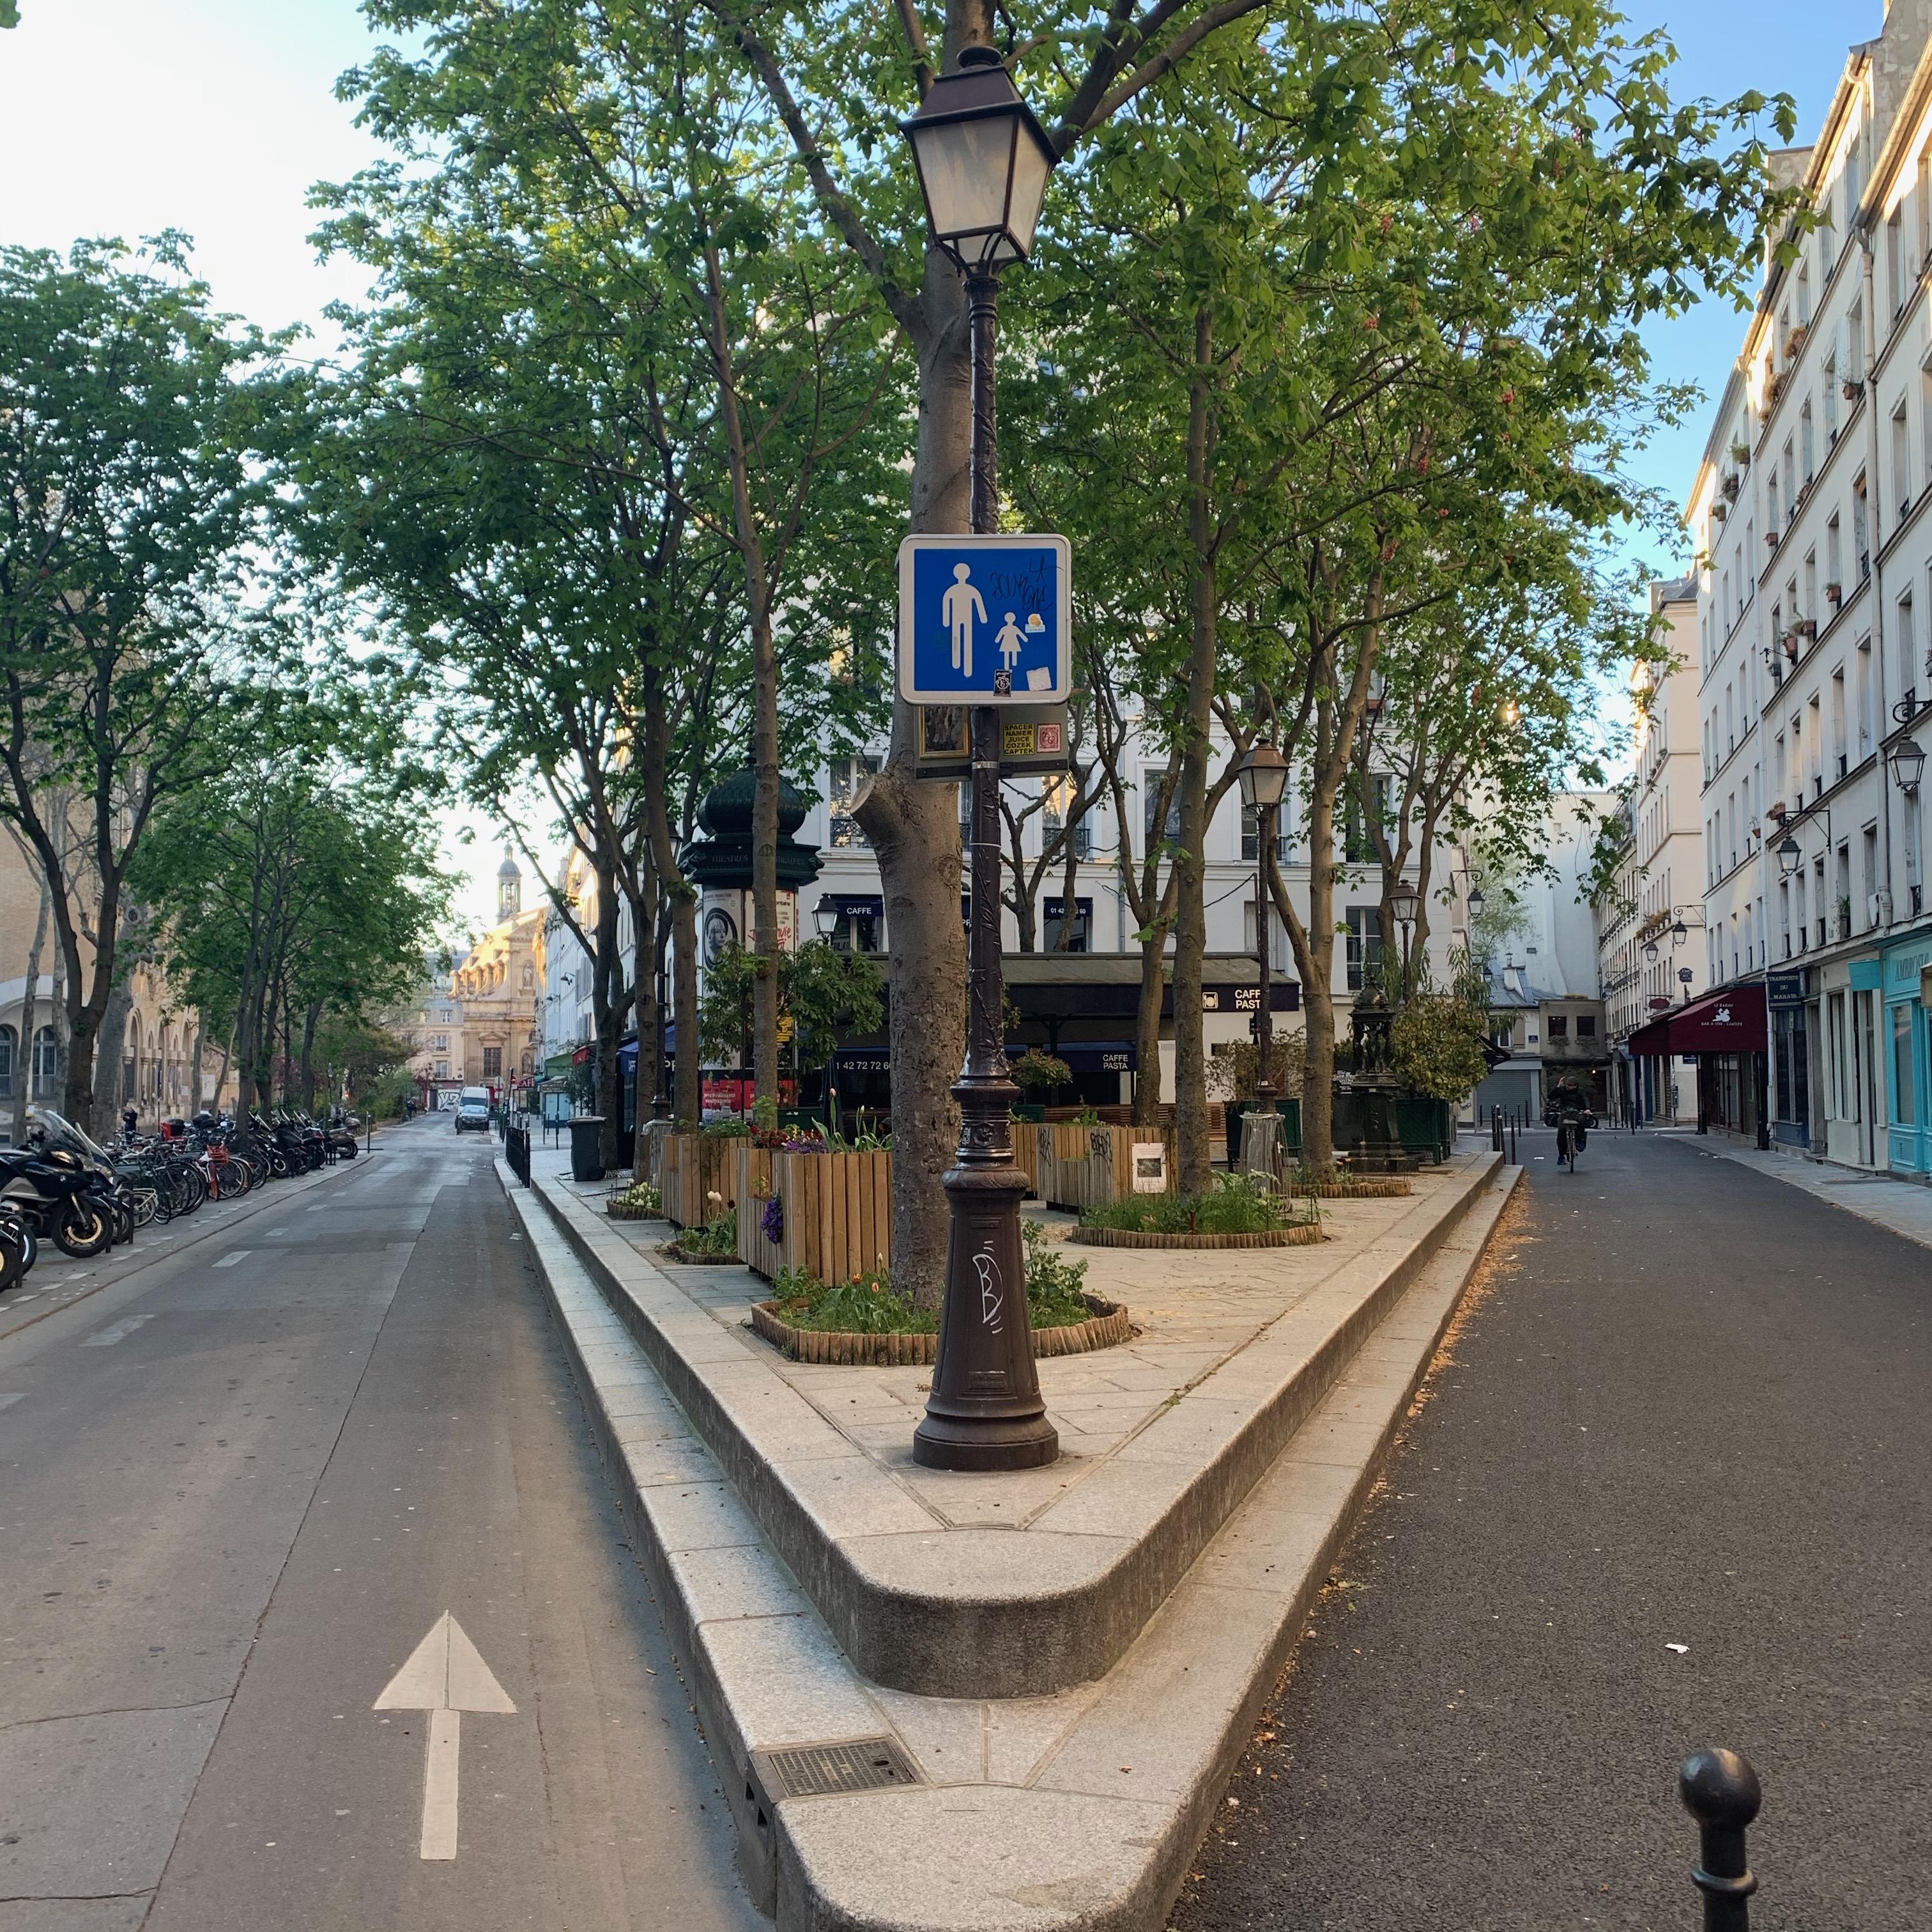 Paris lockdown quarantine